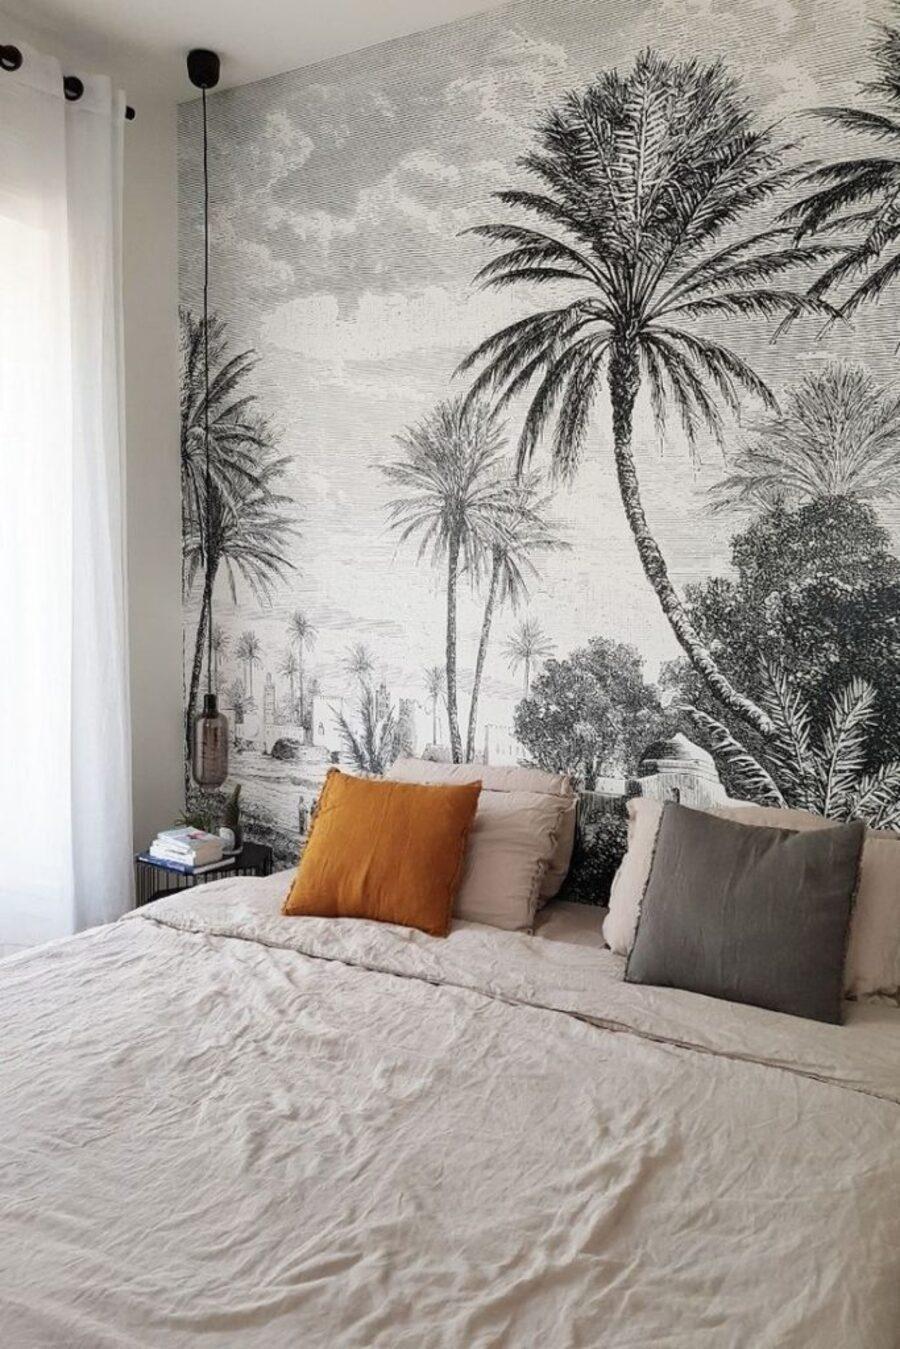 Foto mural adhesivo en una pared del dormitorio.